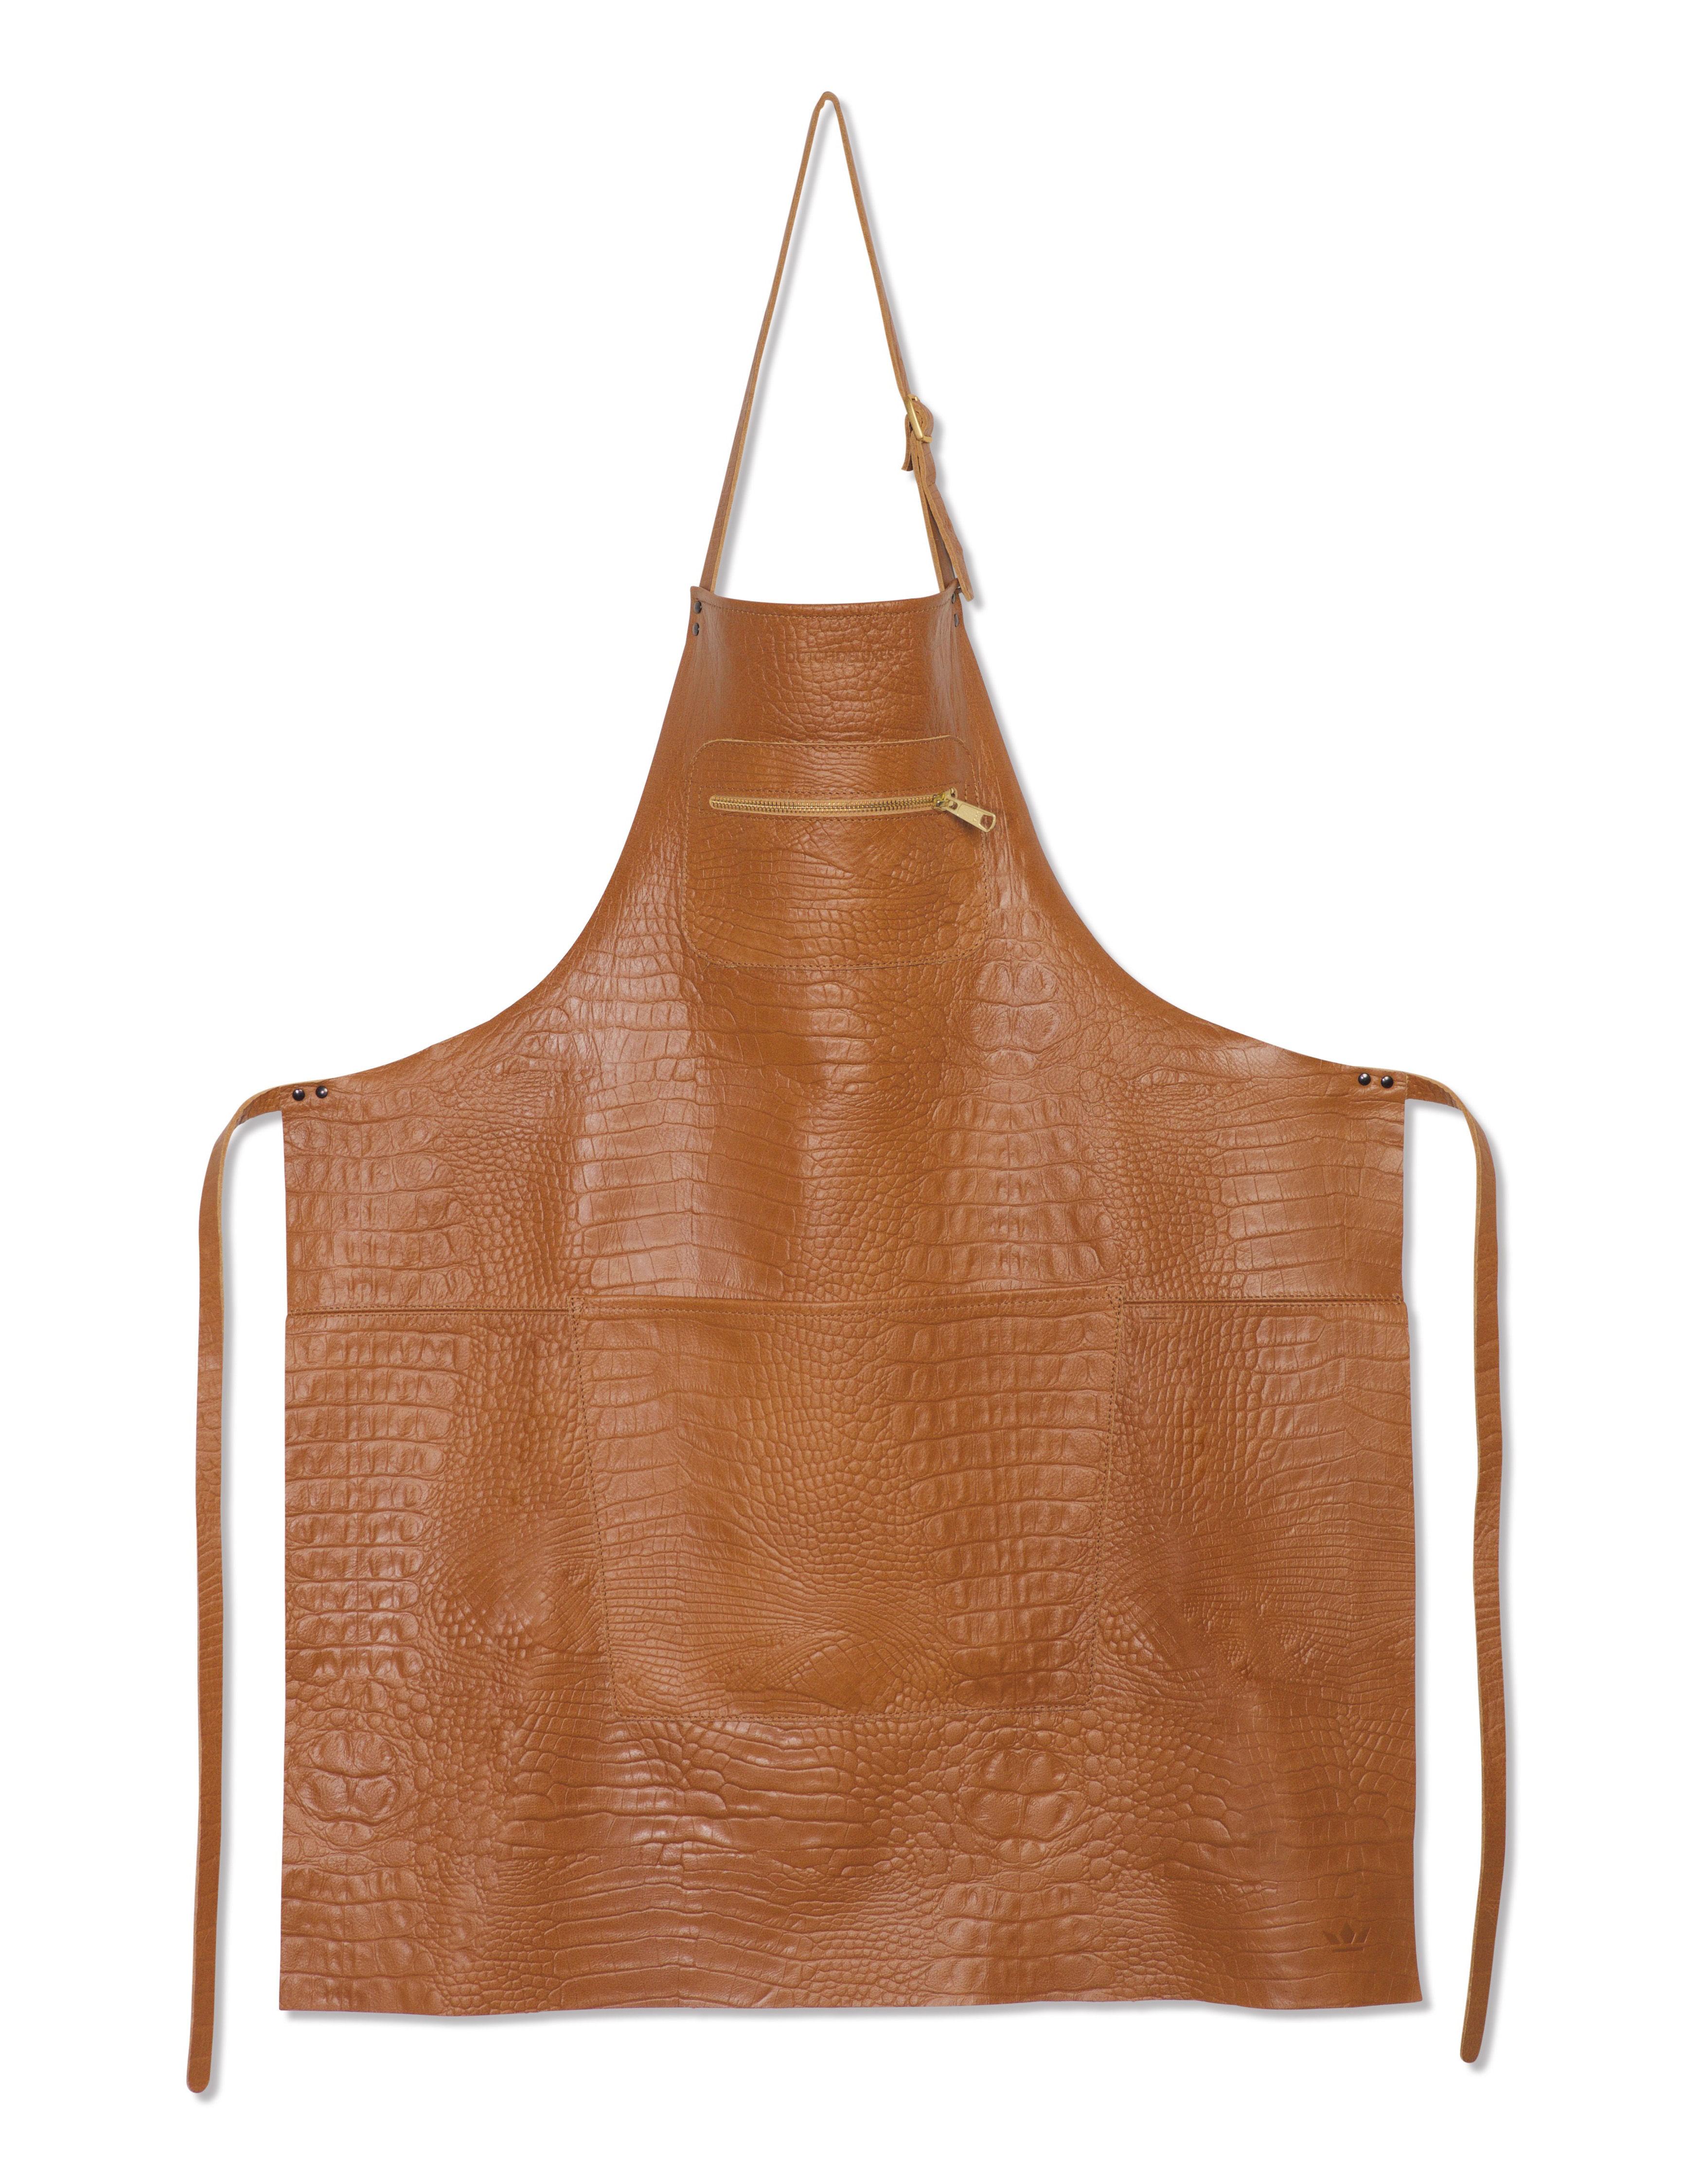 Cuisine - Tabliers et torchons   - Tablier cuir effet croco / Poche zippée - Dutchdeluxes - Naturel - Cuir pleine fleur